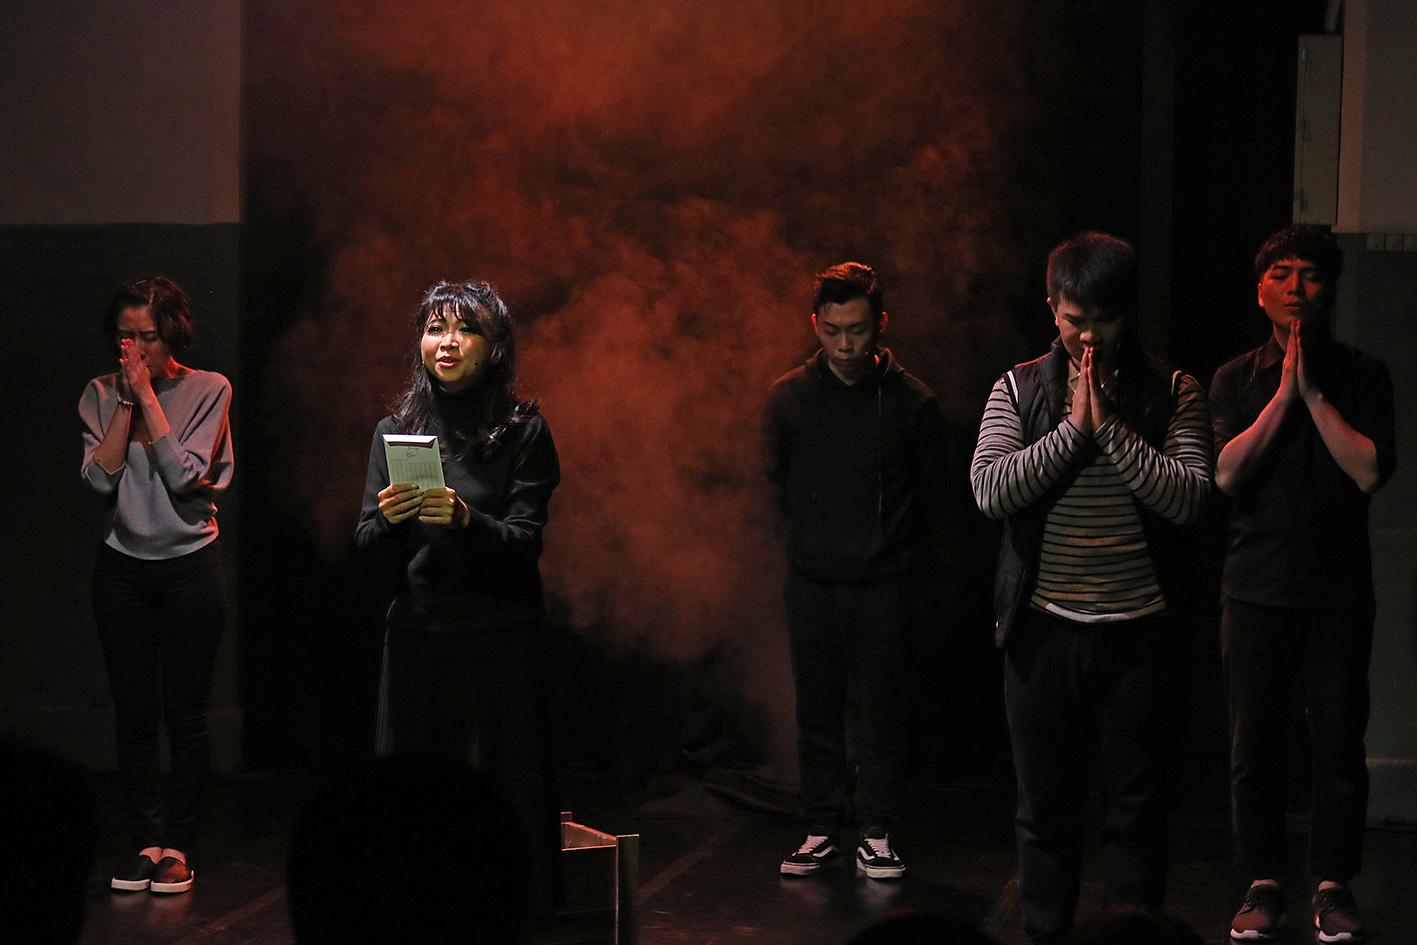 《茉娘》劇照   攝影  李軍  照片提供 A劇團